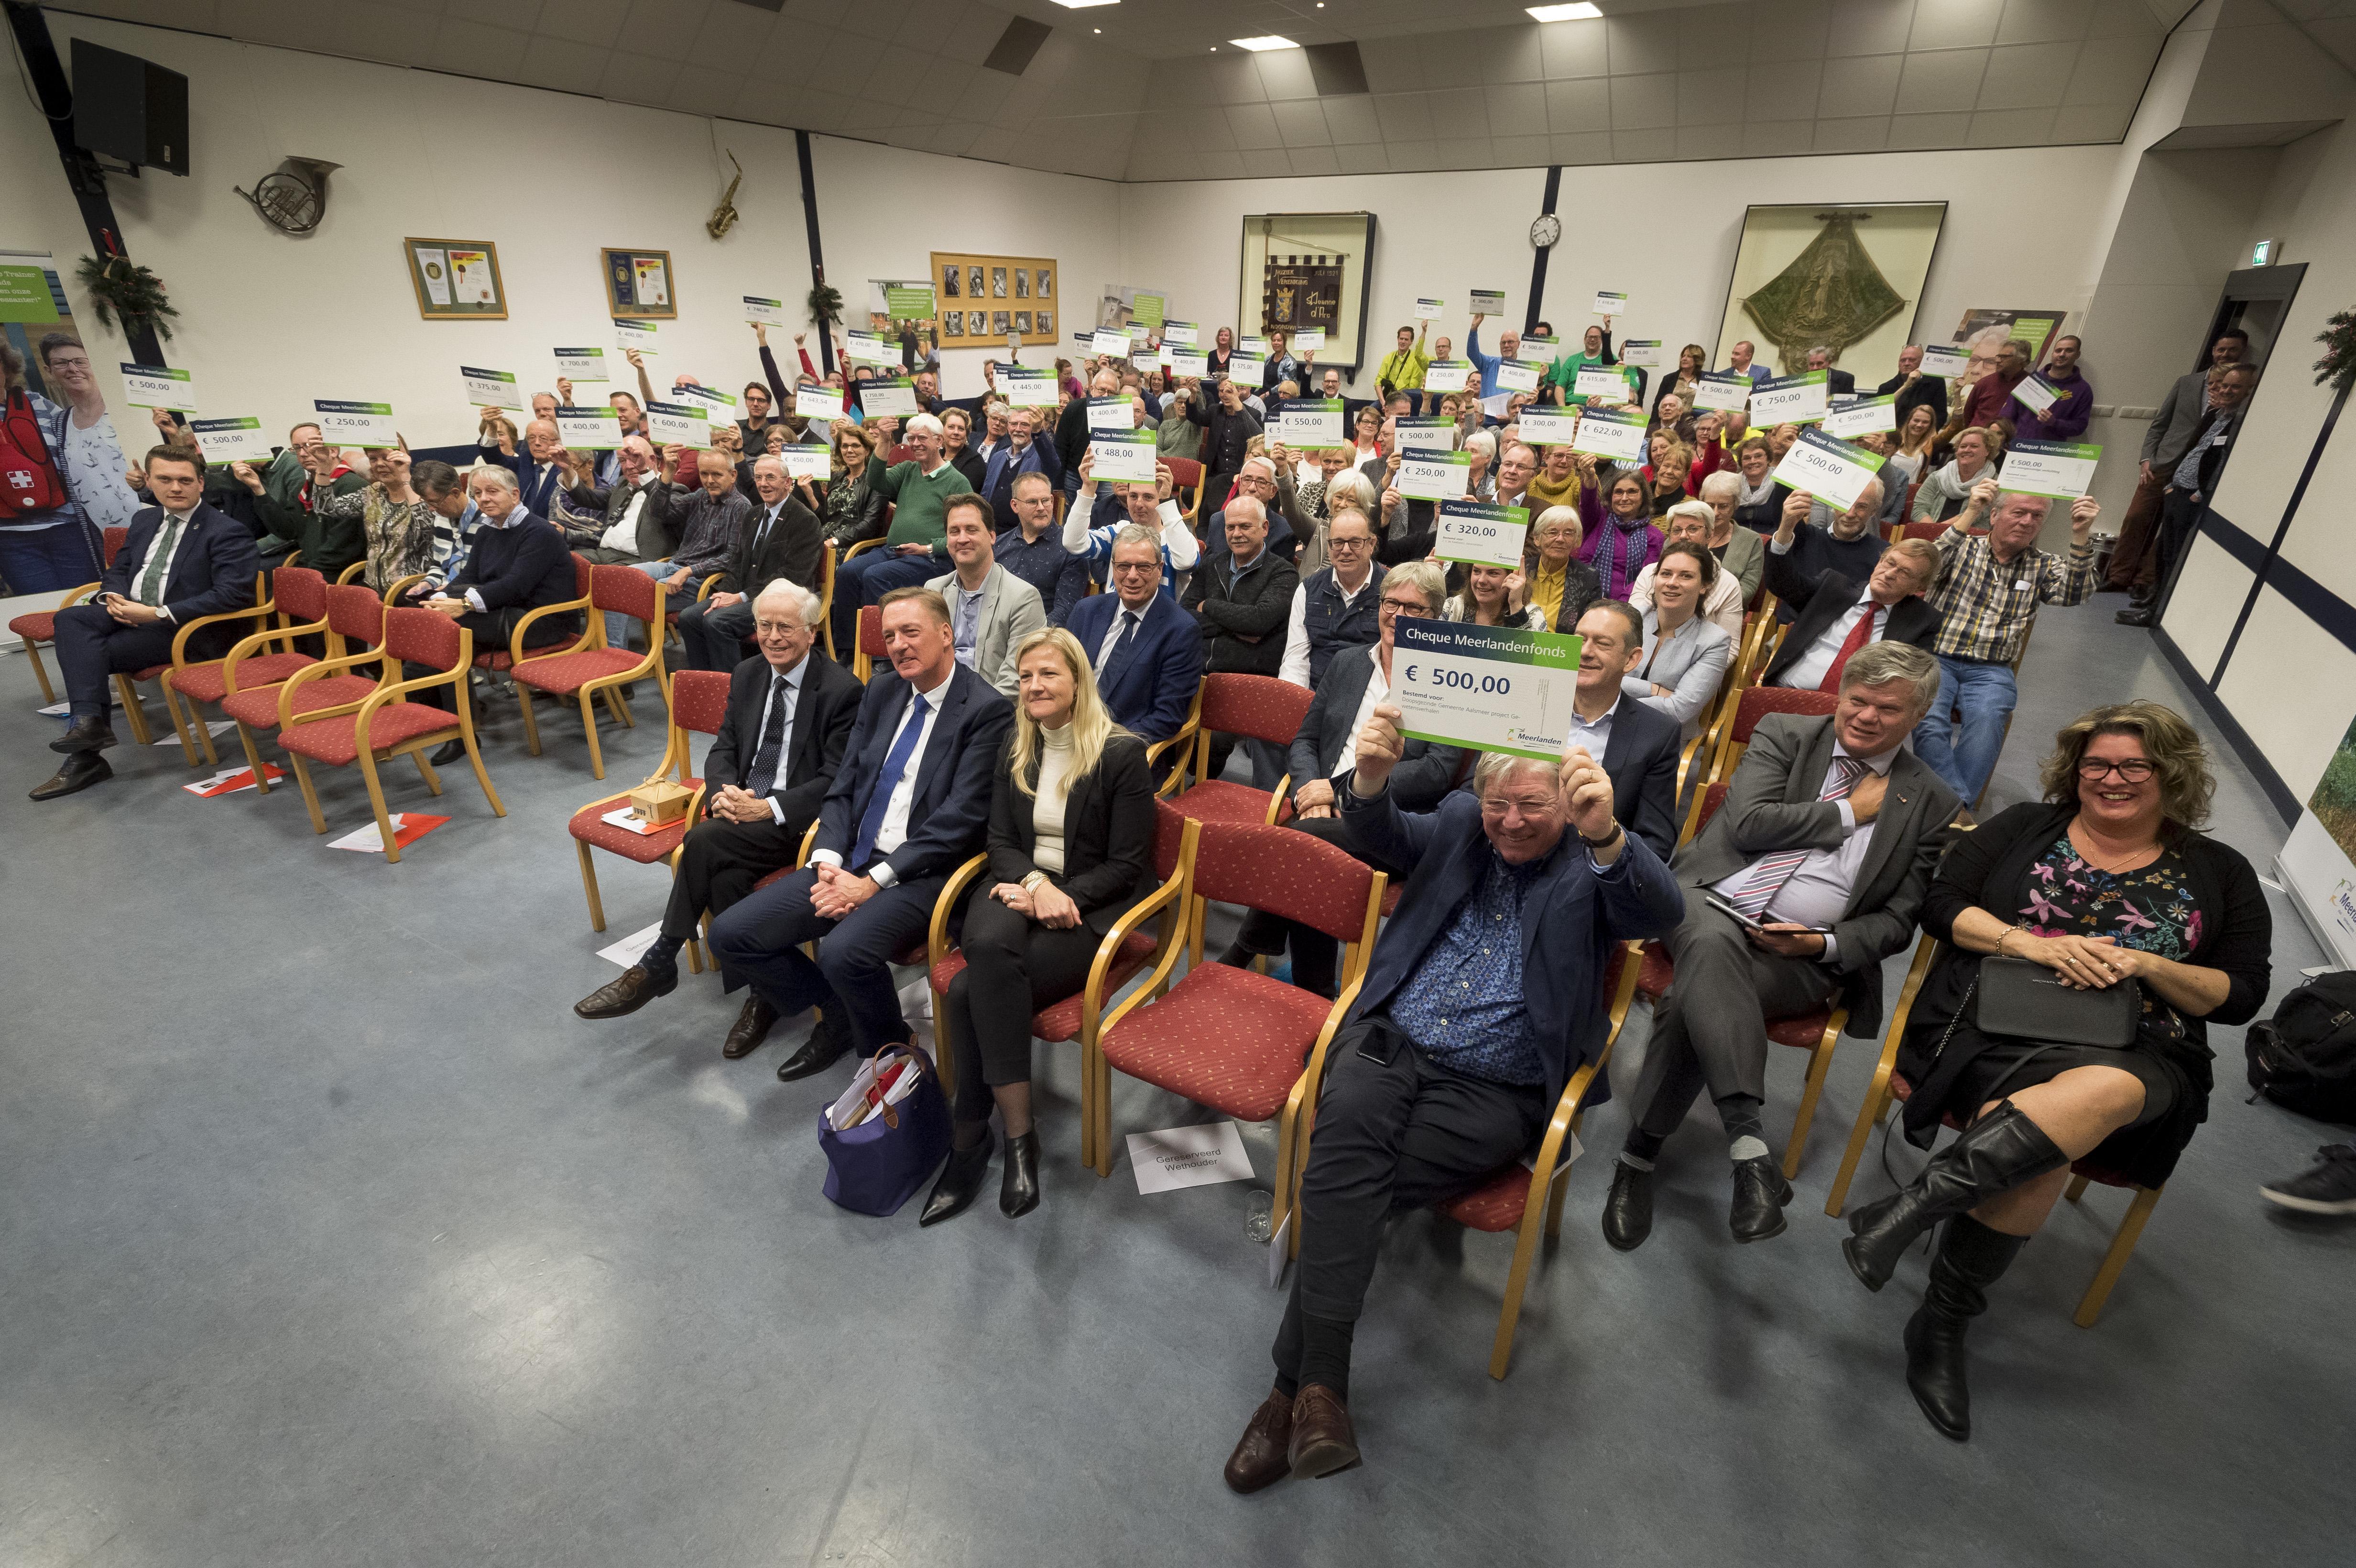 Meerlandenfonds maakt 112 clubs en verenigingen blij met donatie